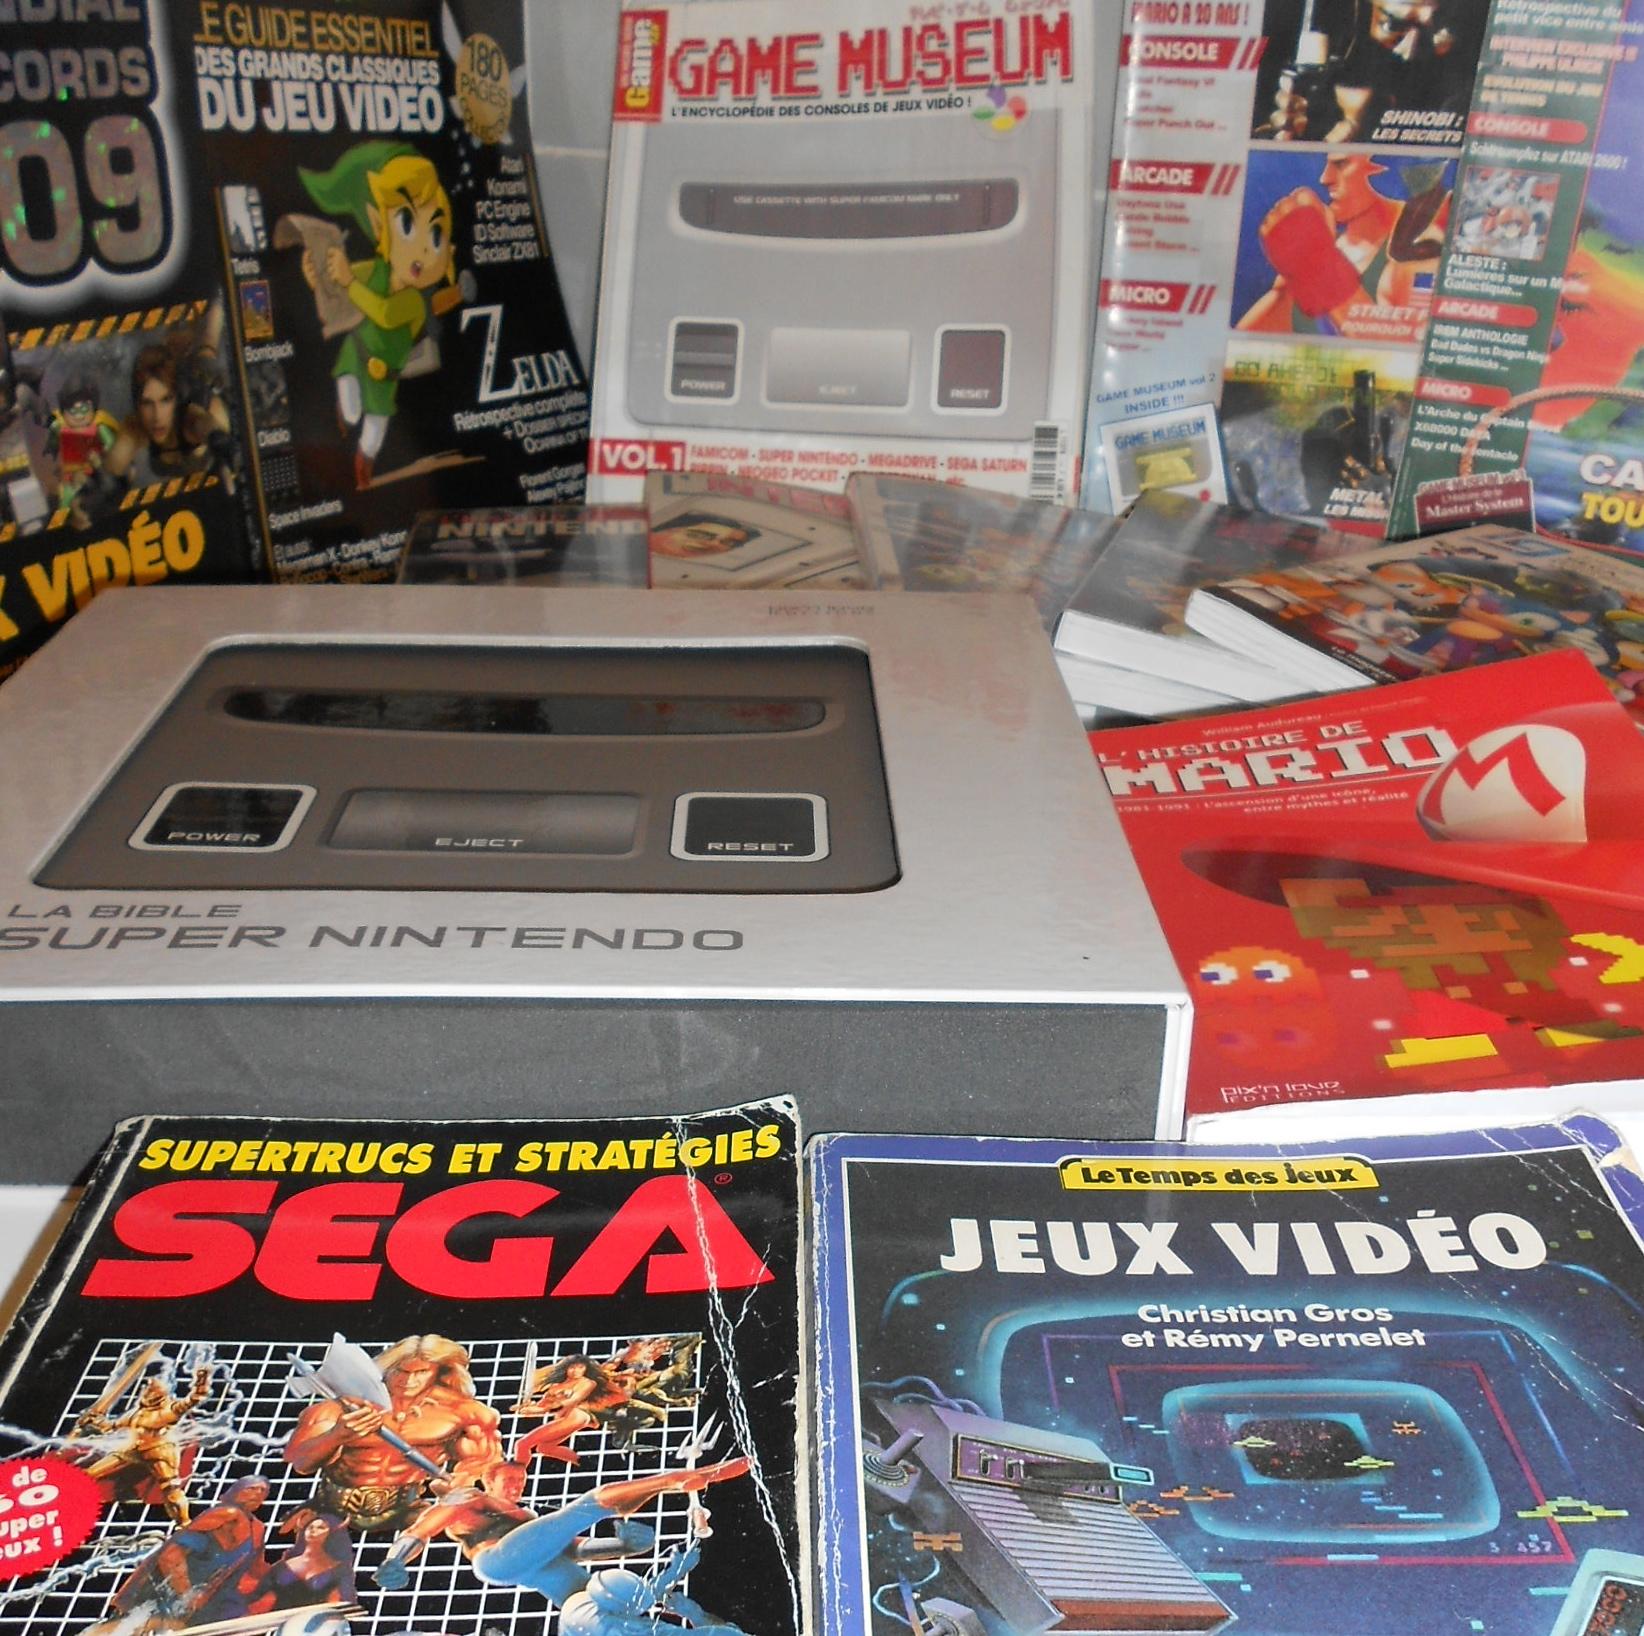 Le jeux vidéo dans les livres!!!